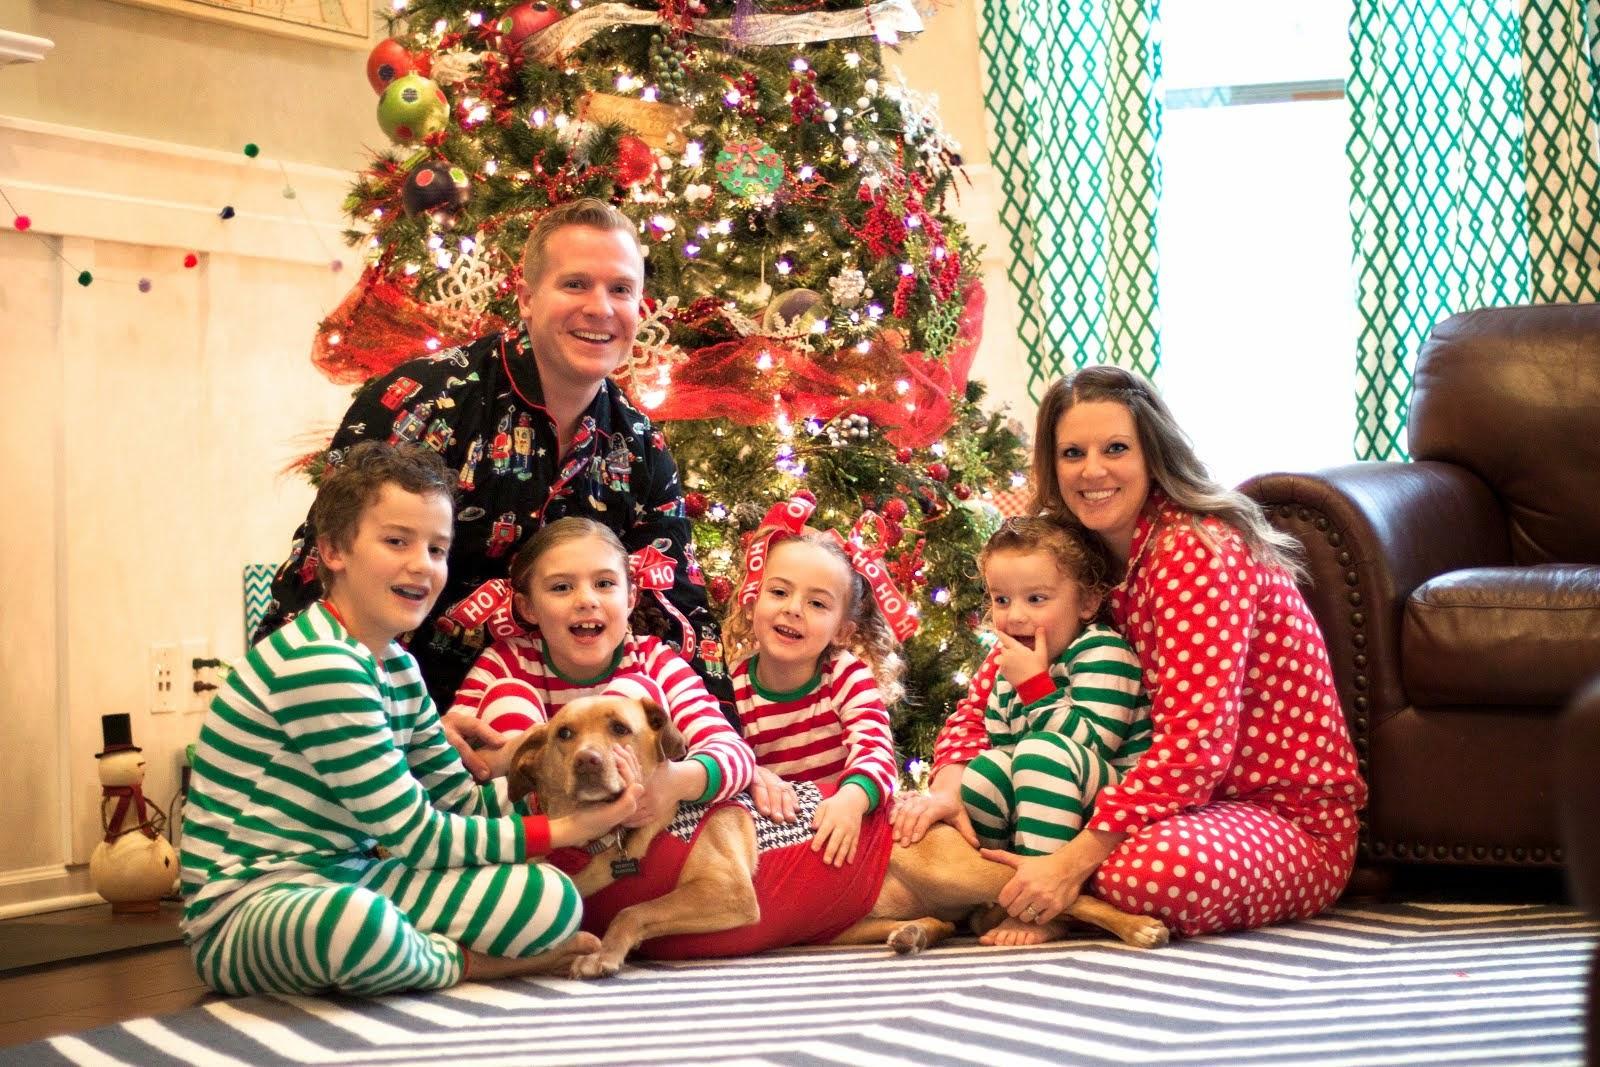 Fackrell Family 2014